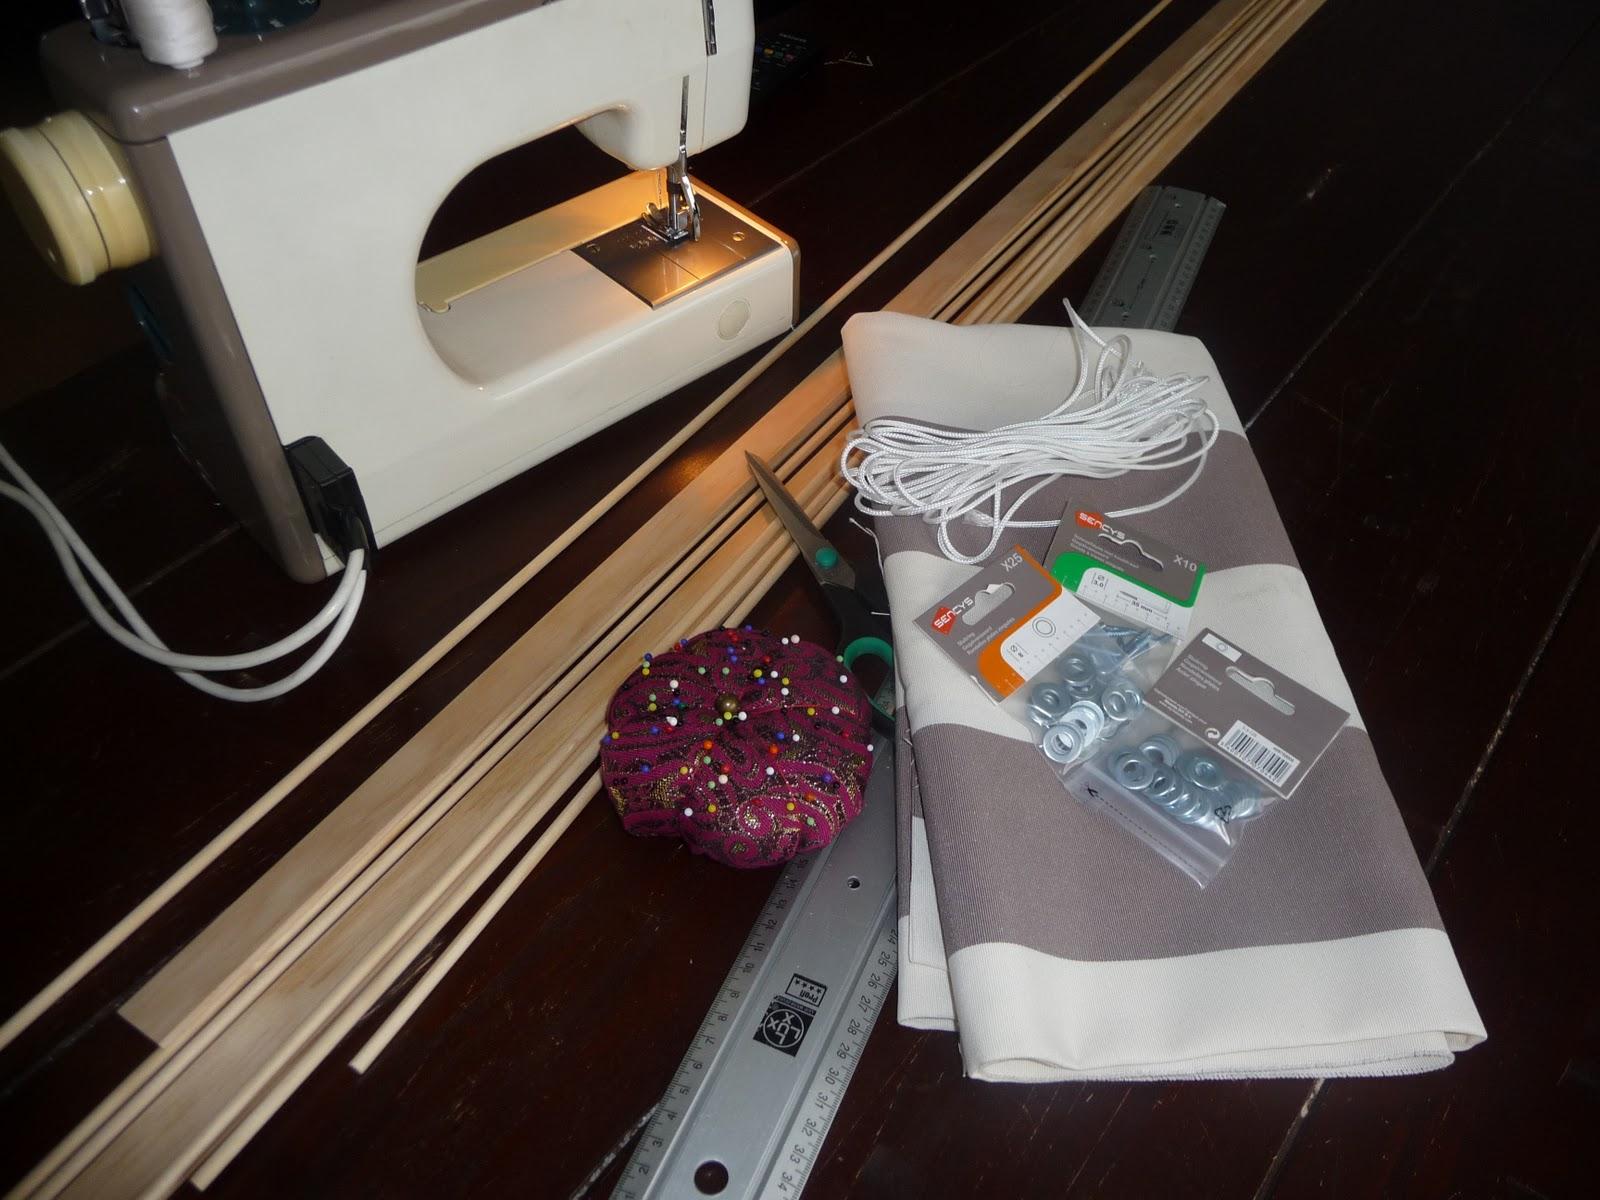 Zelf vouwgordijnen maken ben creatief